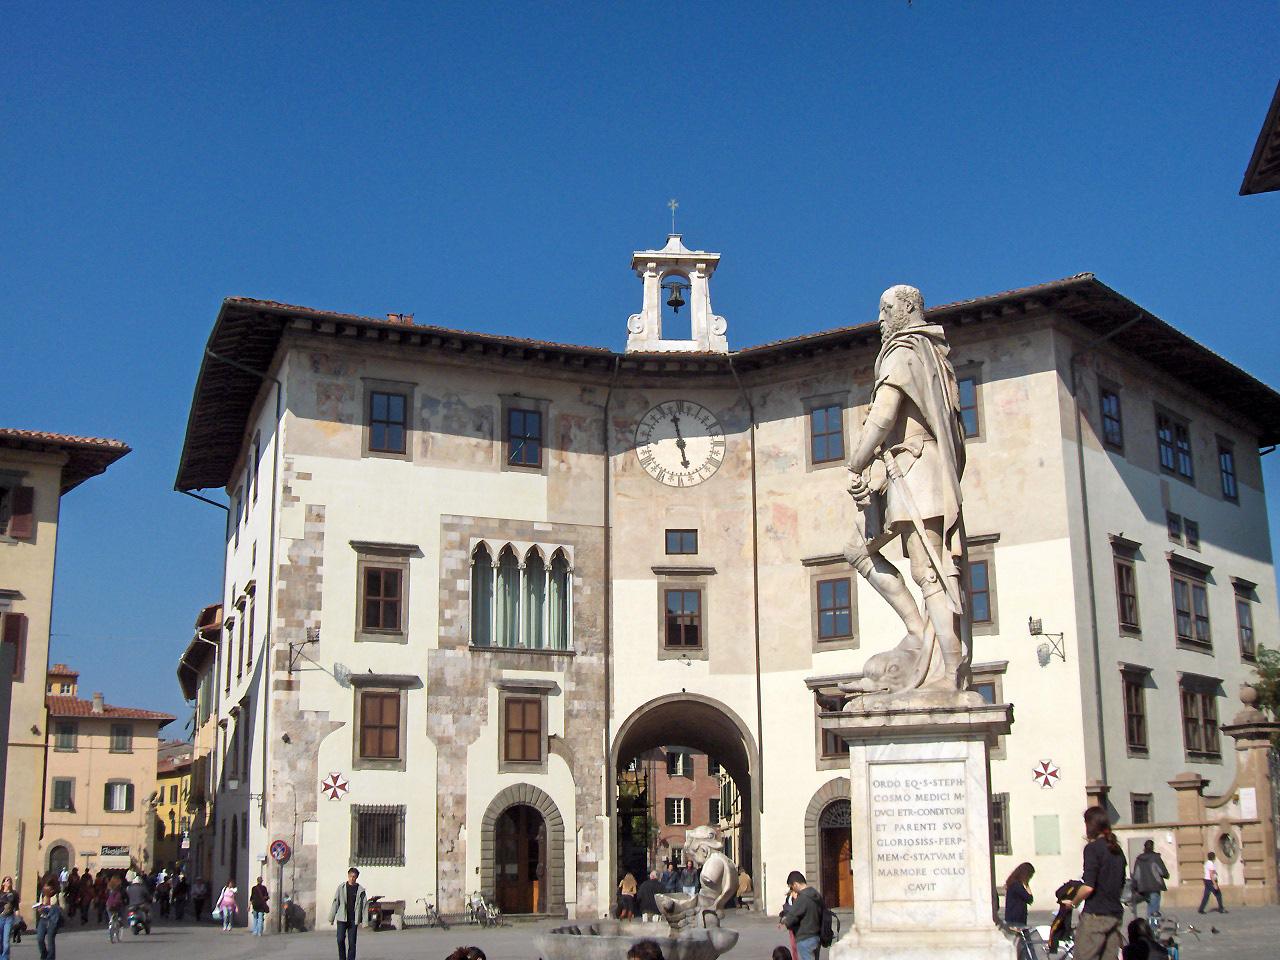 Pisa.Cosimo_de_Medici